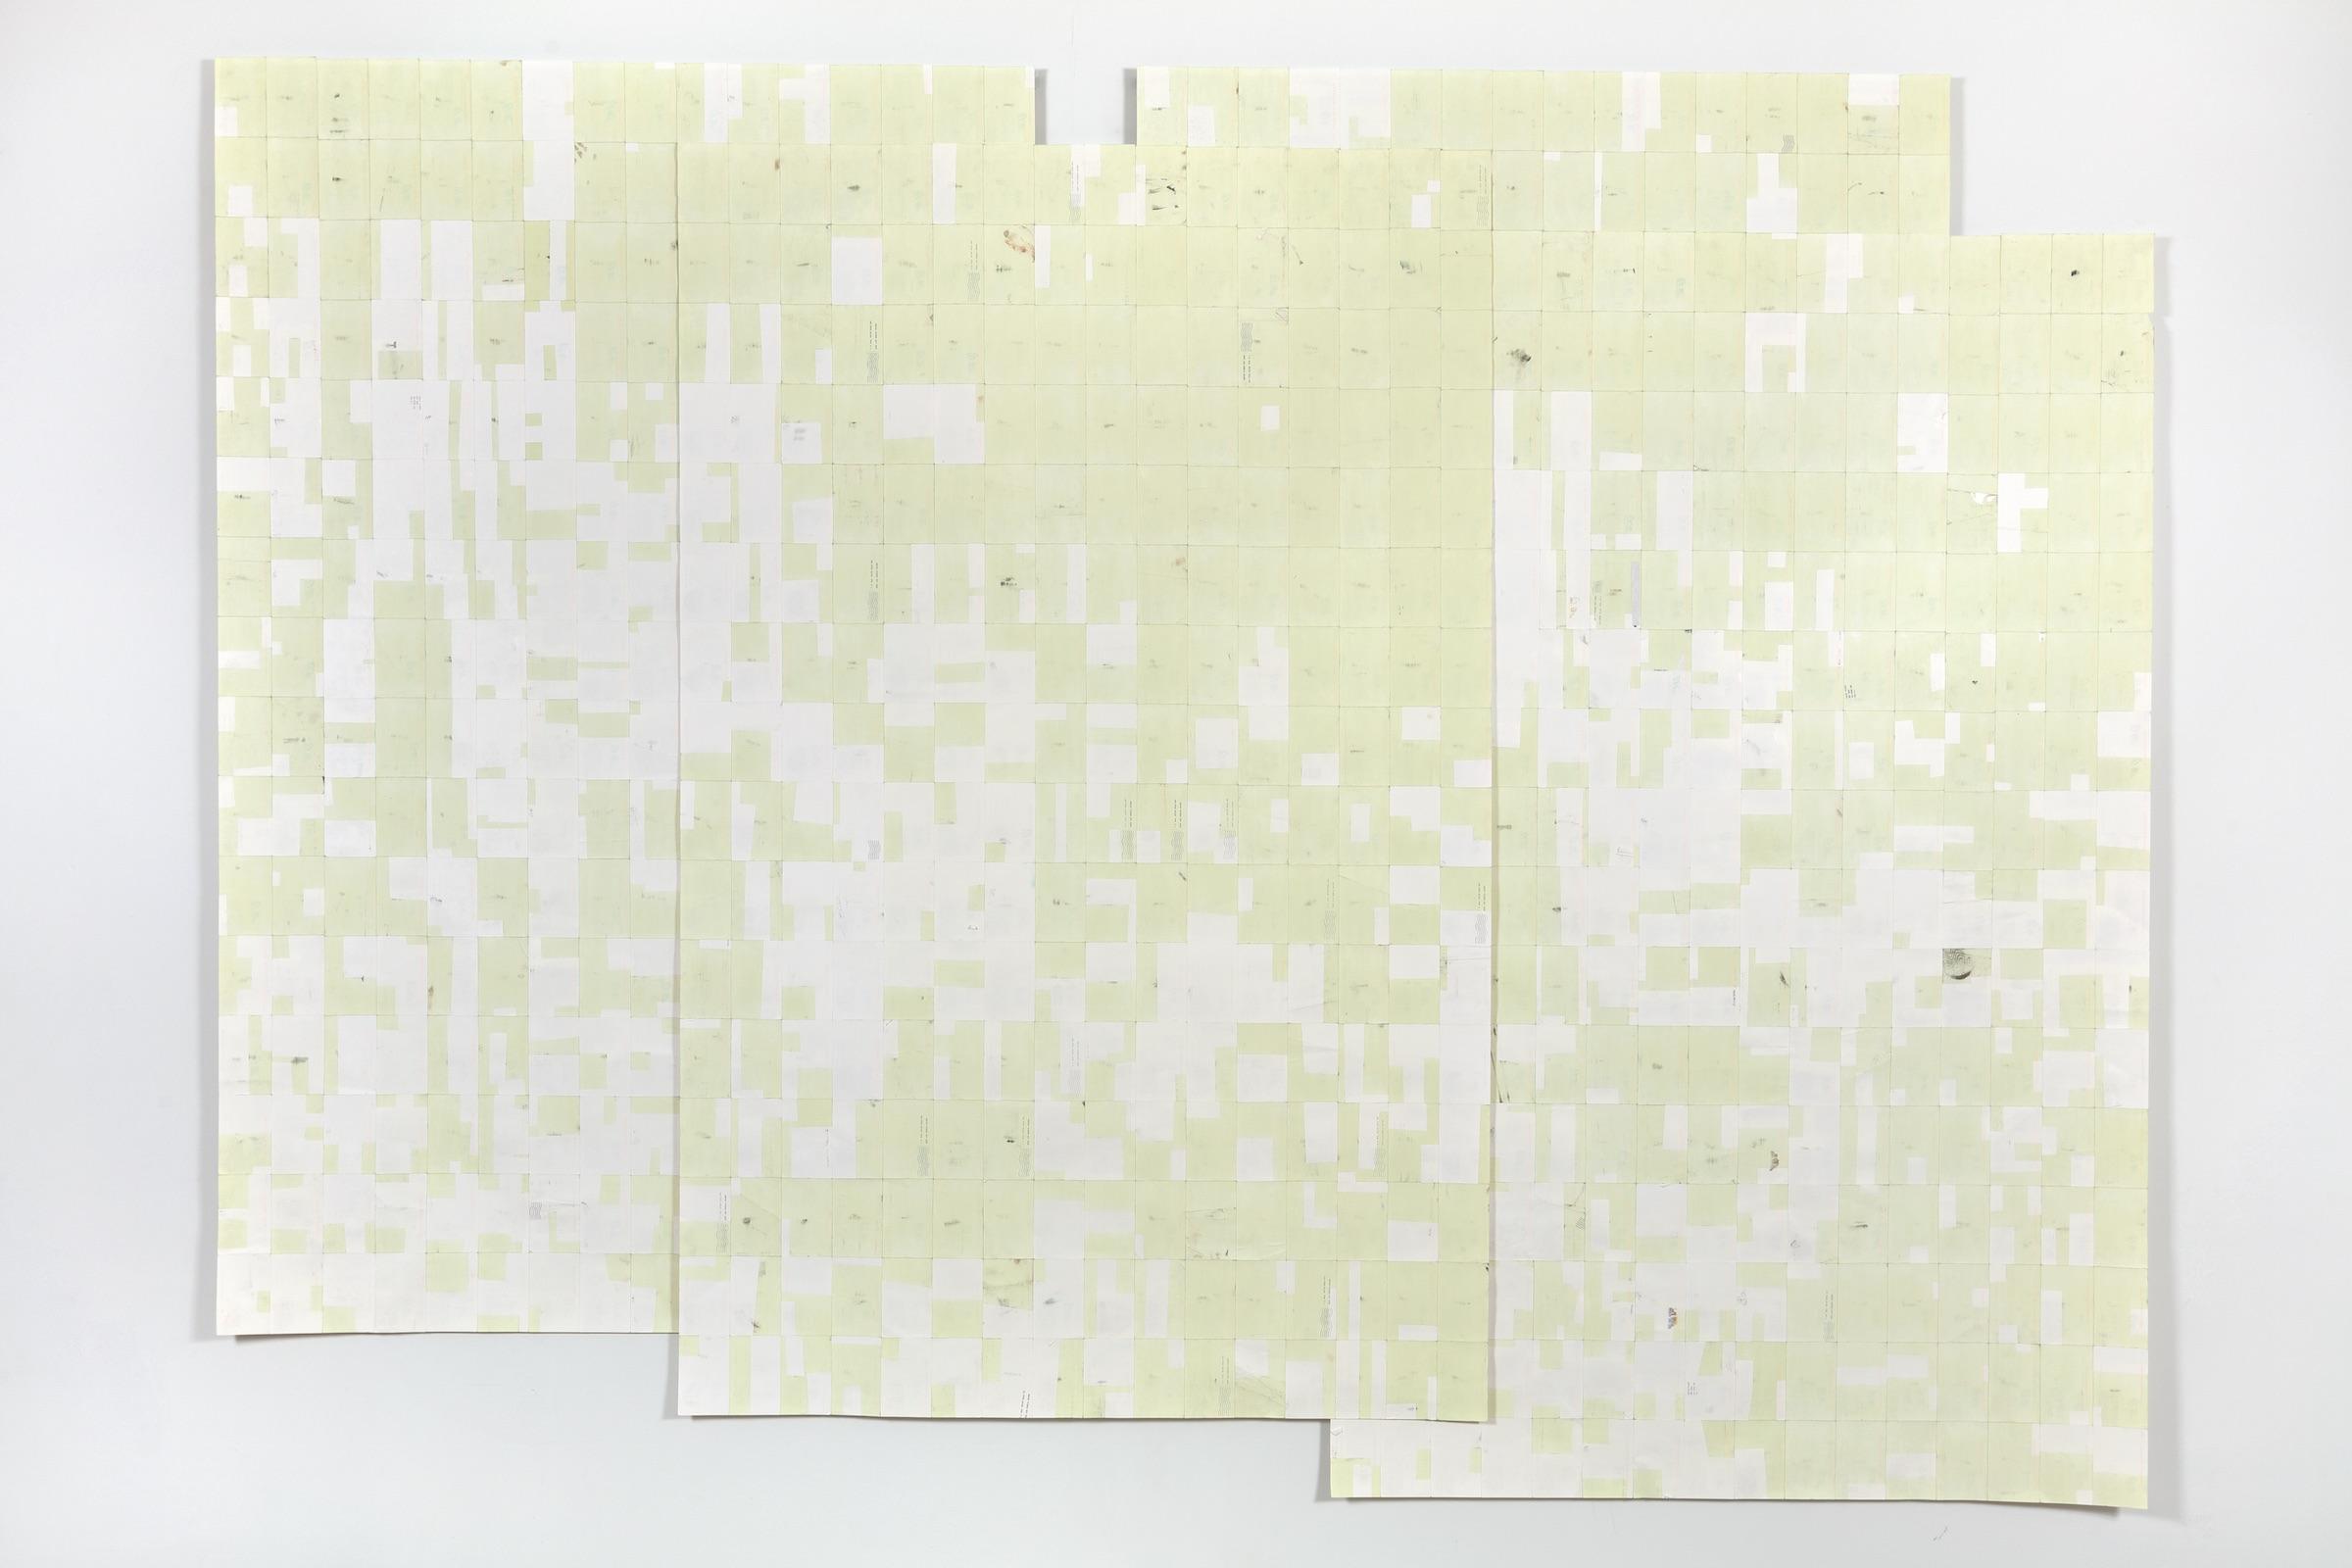 Agnes Lux, Hiver étéliés #3 ,2016,phosphorescent paint on postcards, 99.2 x 133.15 in (light view)